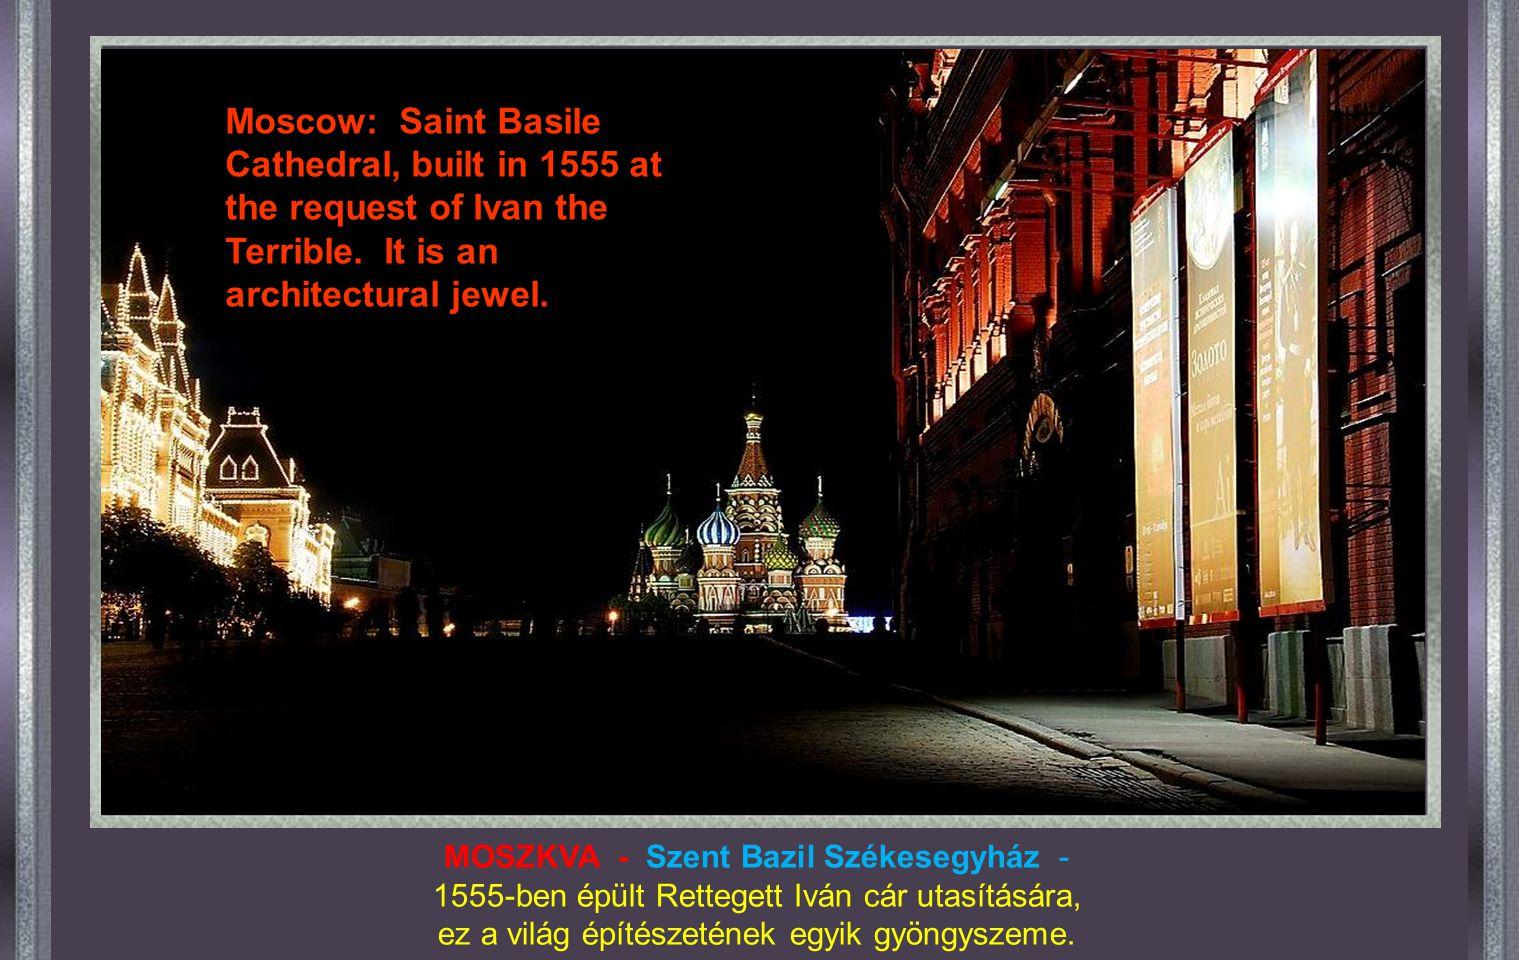 MOSZKVA – URUNK SZÍNEVÁLTOZÁSA Székesegyház Más templomoktól eltérően, az orosz forradalom idejében ez a templom nem volt bezárva.